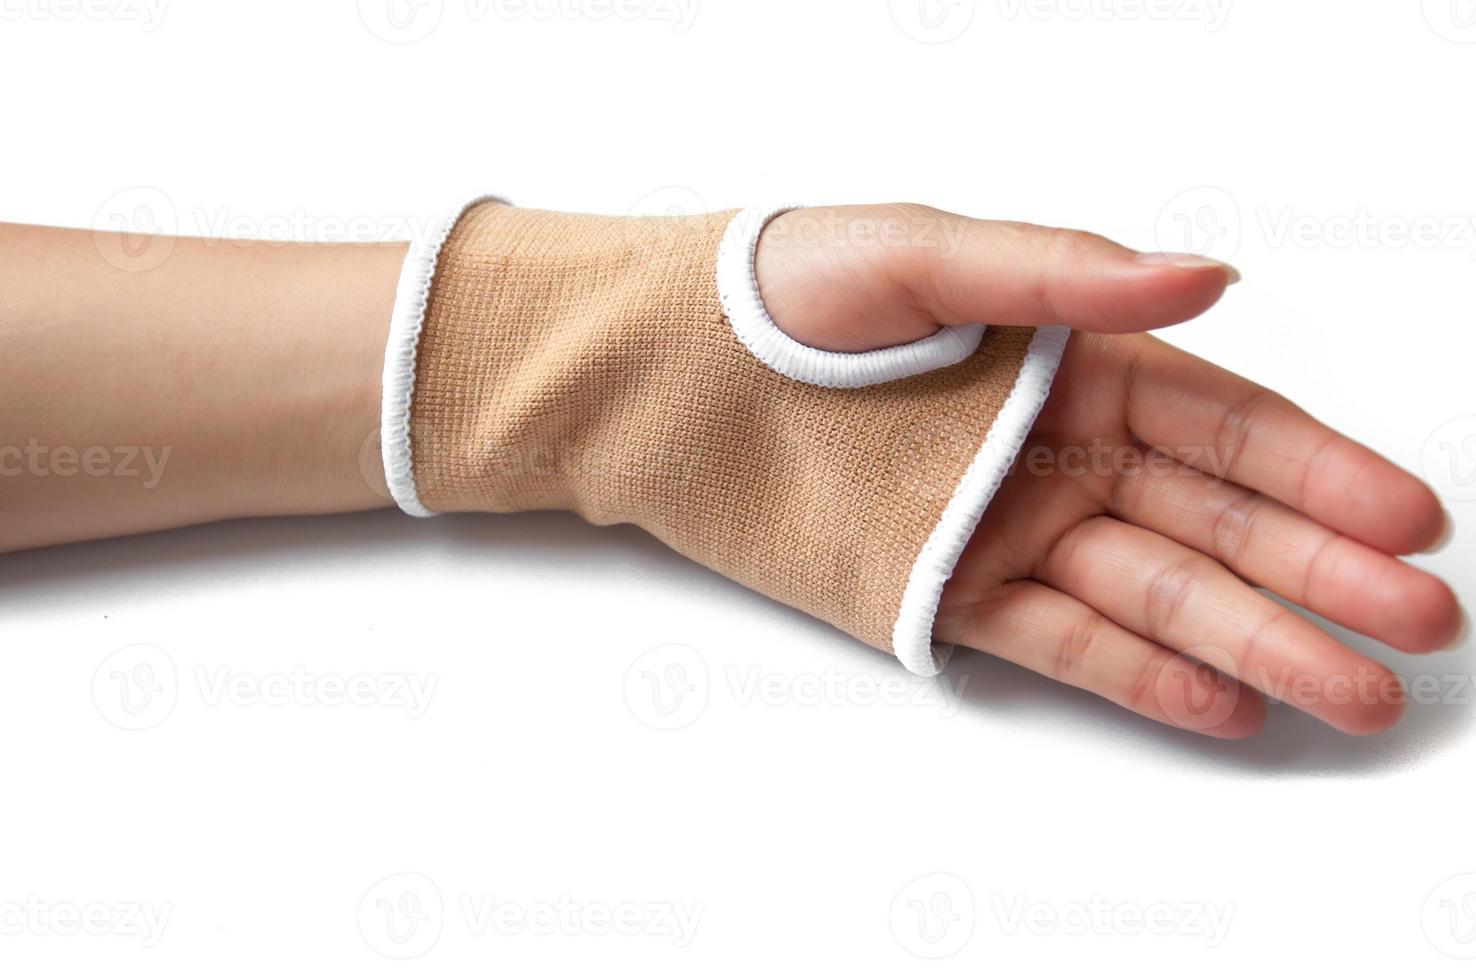 Nahaufnahme Handschiene für die Behandlung gebrochener Knochen auf weiß isoliert foto